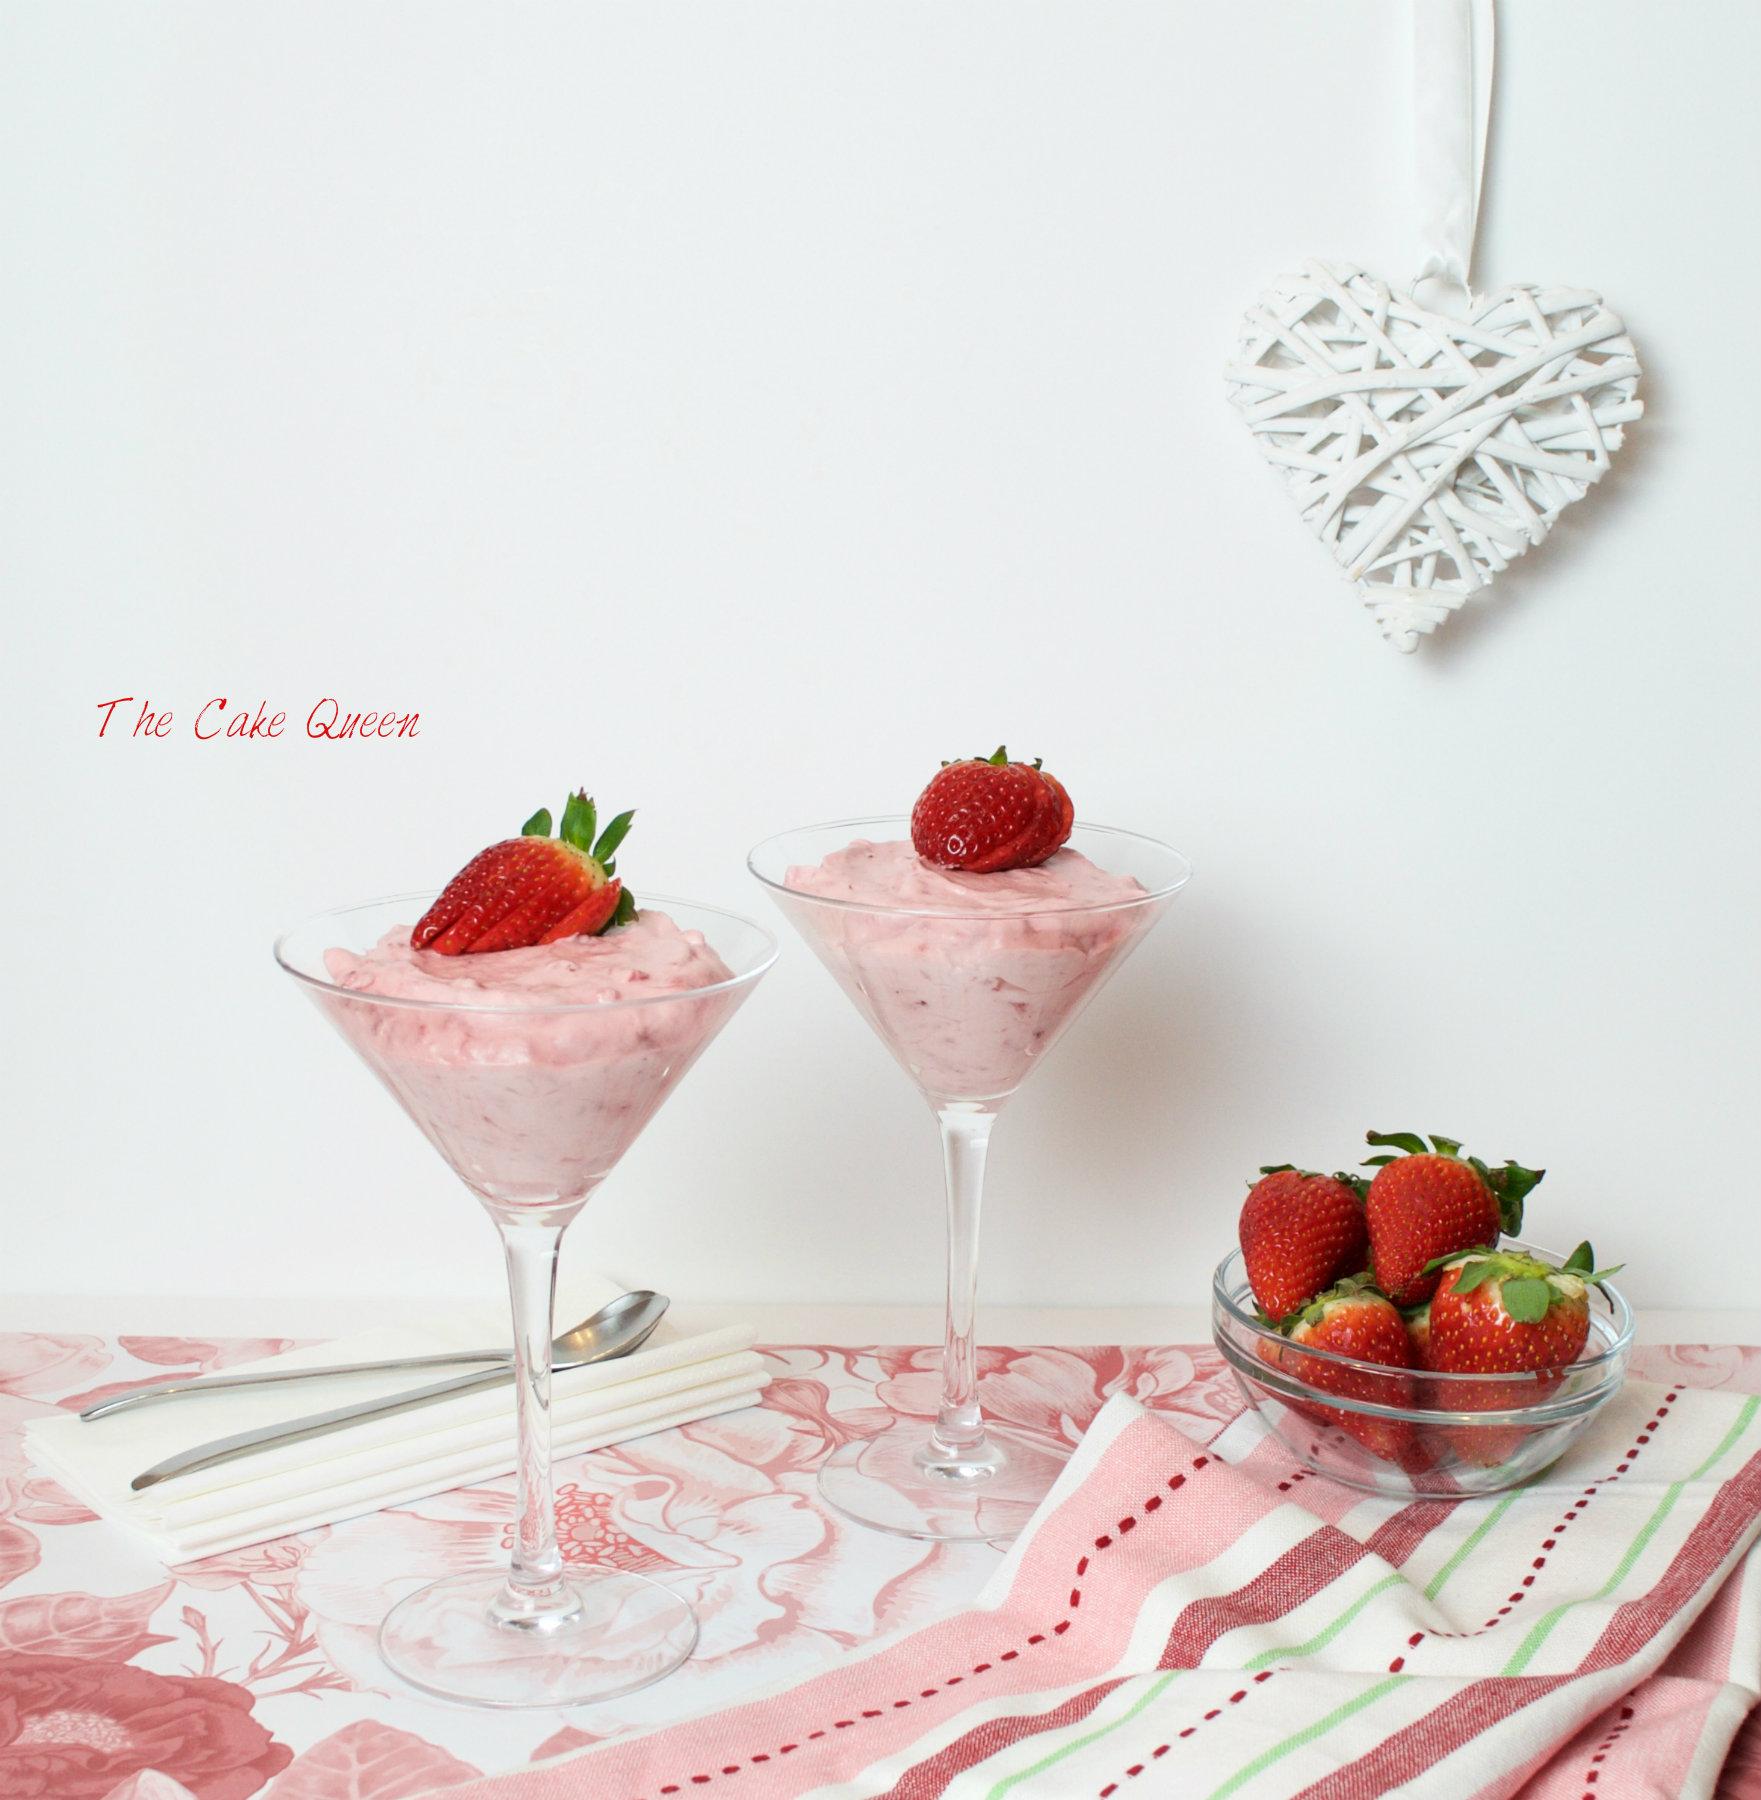 Crema de fresas y chantilly